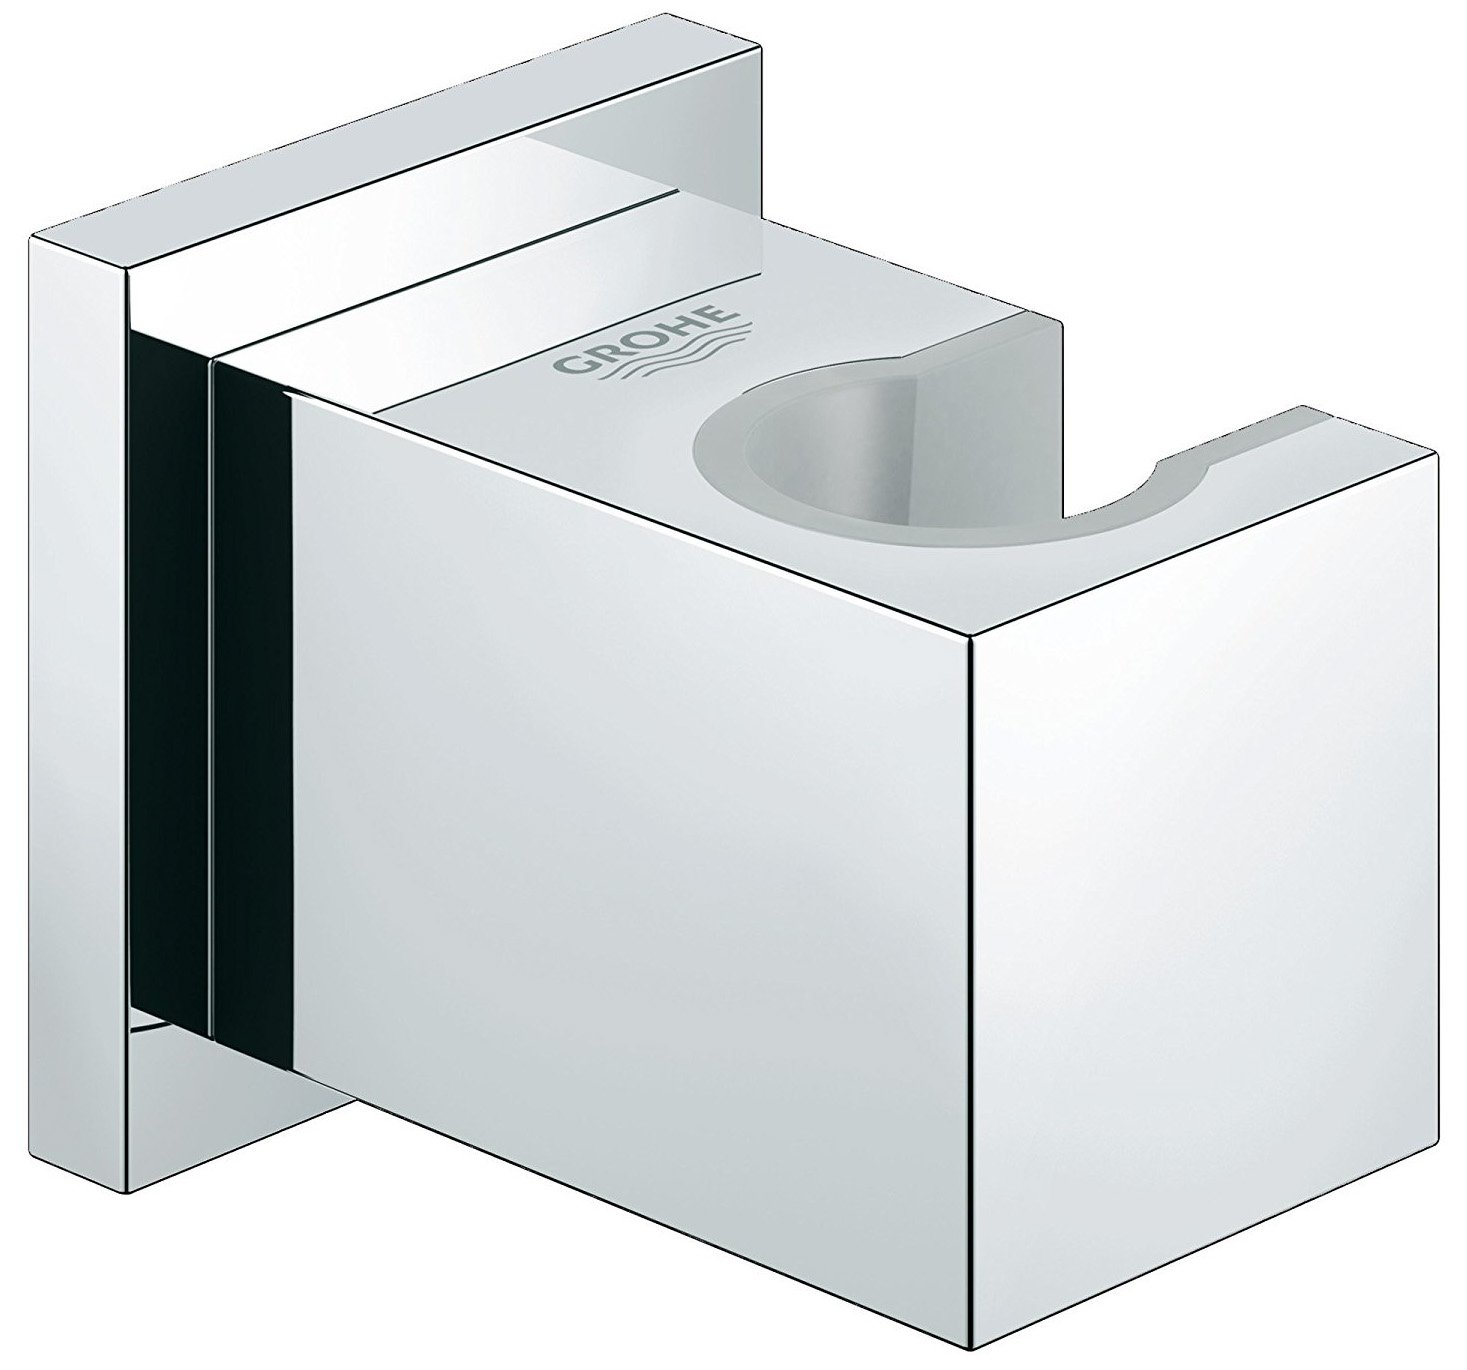 Στήριγμα ντουζ Grohe Euphoria Cube (Μήκος: 6,6 Βάθος: - Ύψος: -)